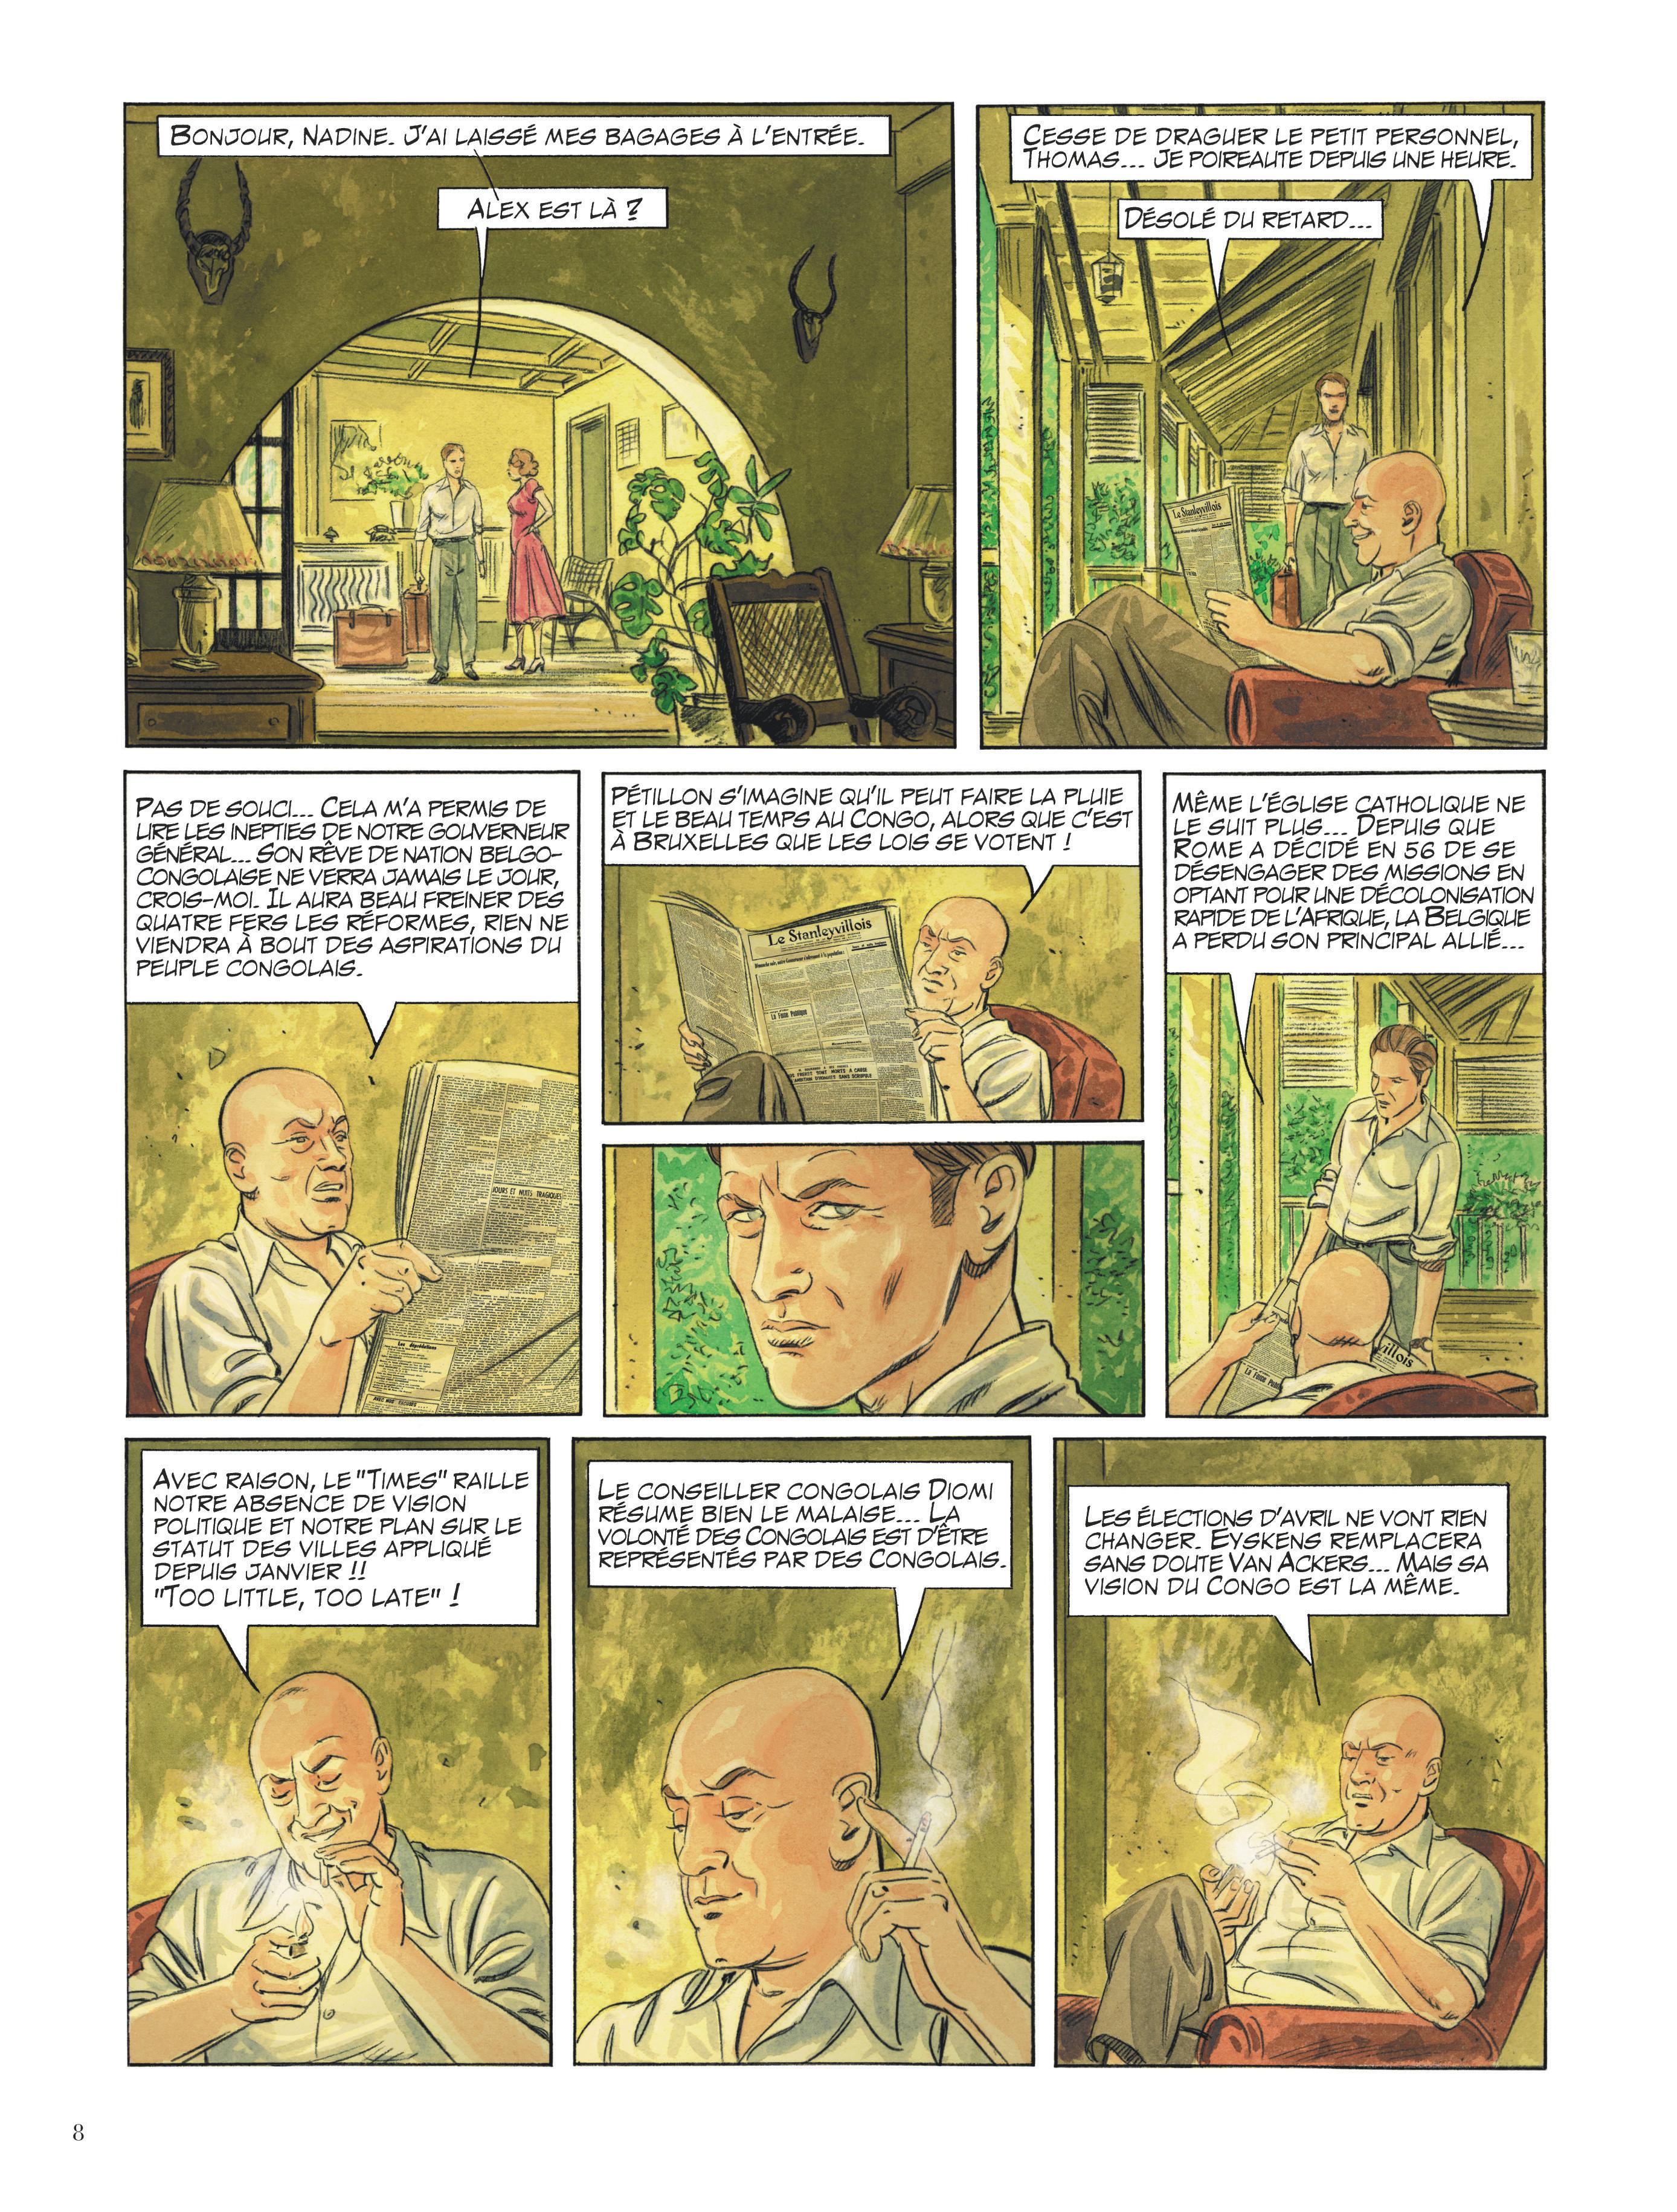 Les_jours_heureux#1_Page 8